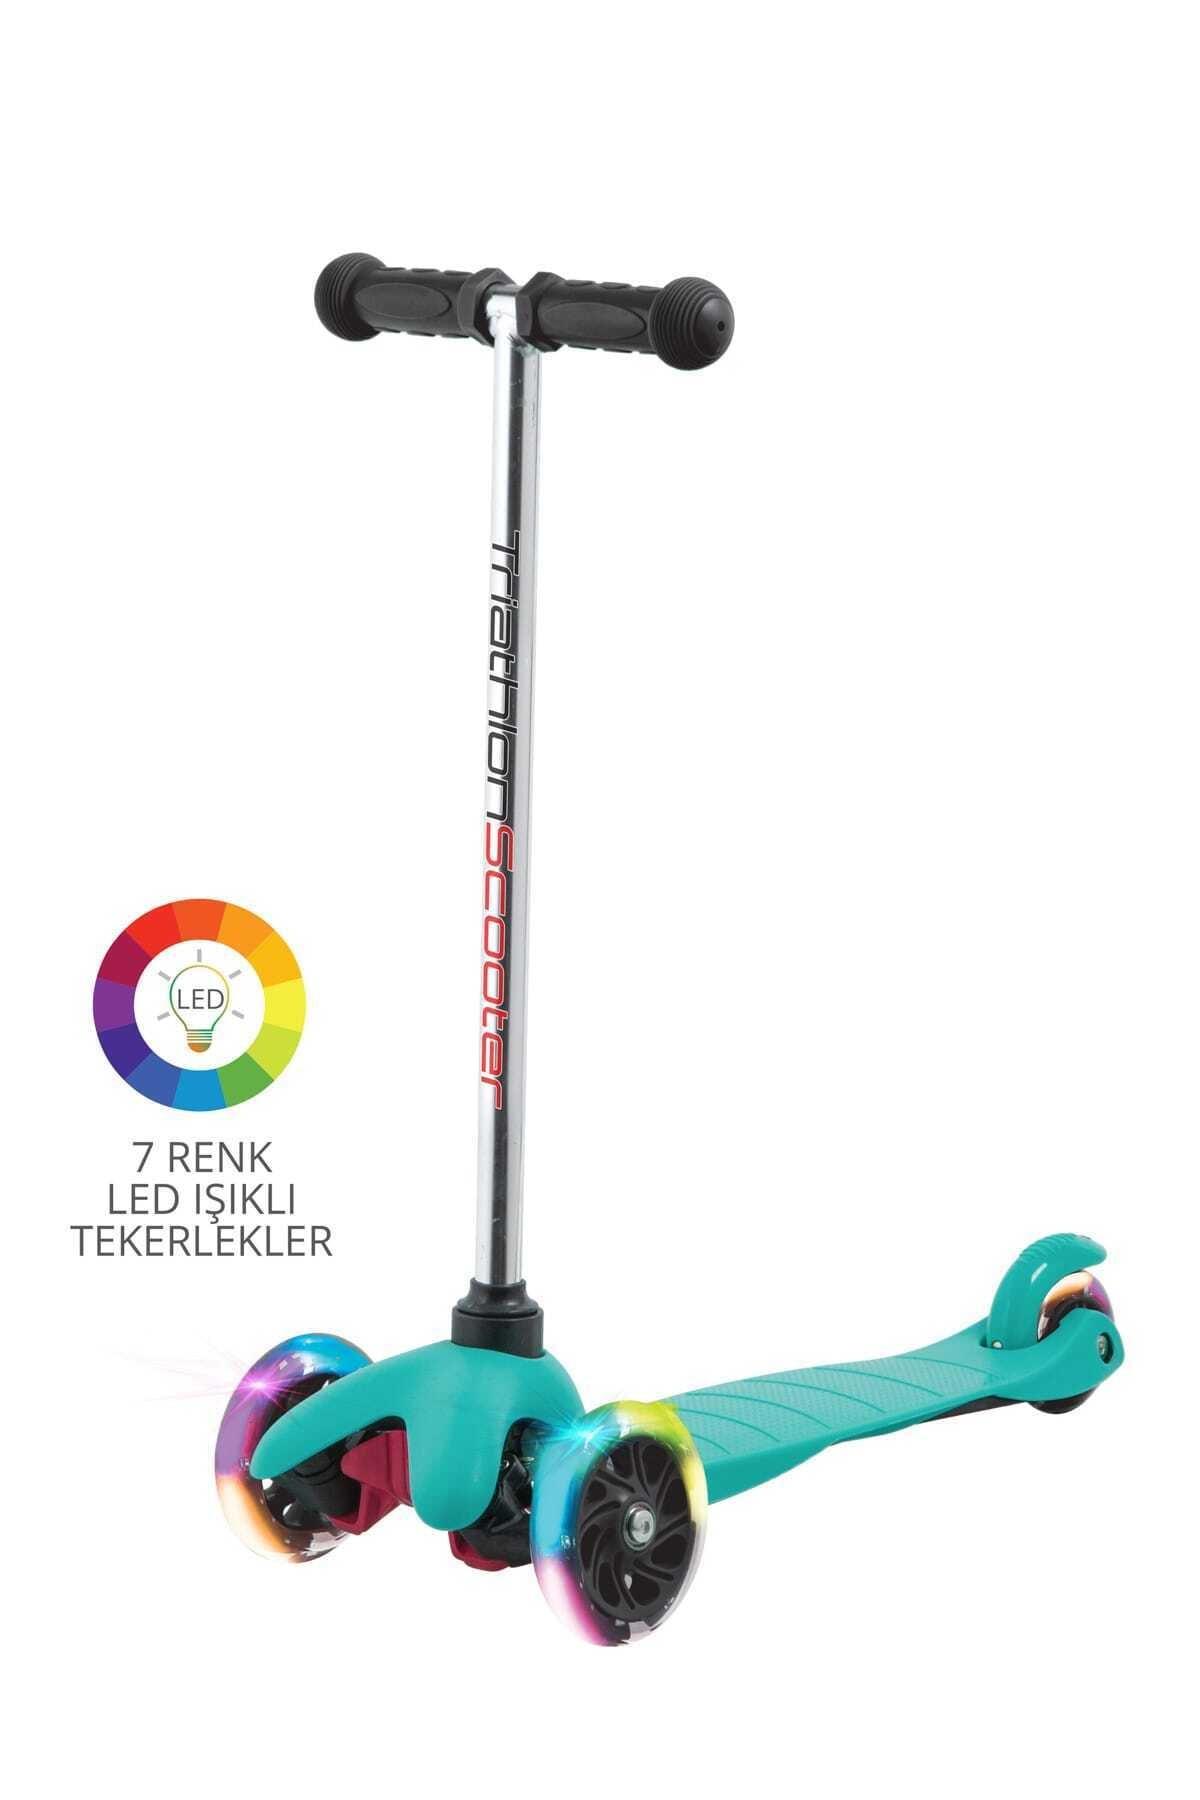 Triathlon 7 Renk Led Işıklı Tekerlekli Scooter - Mavi 1